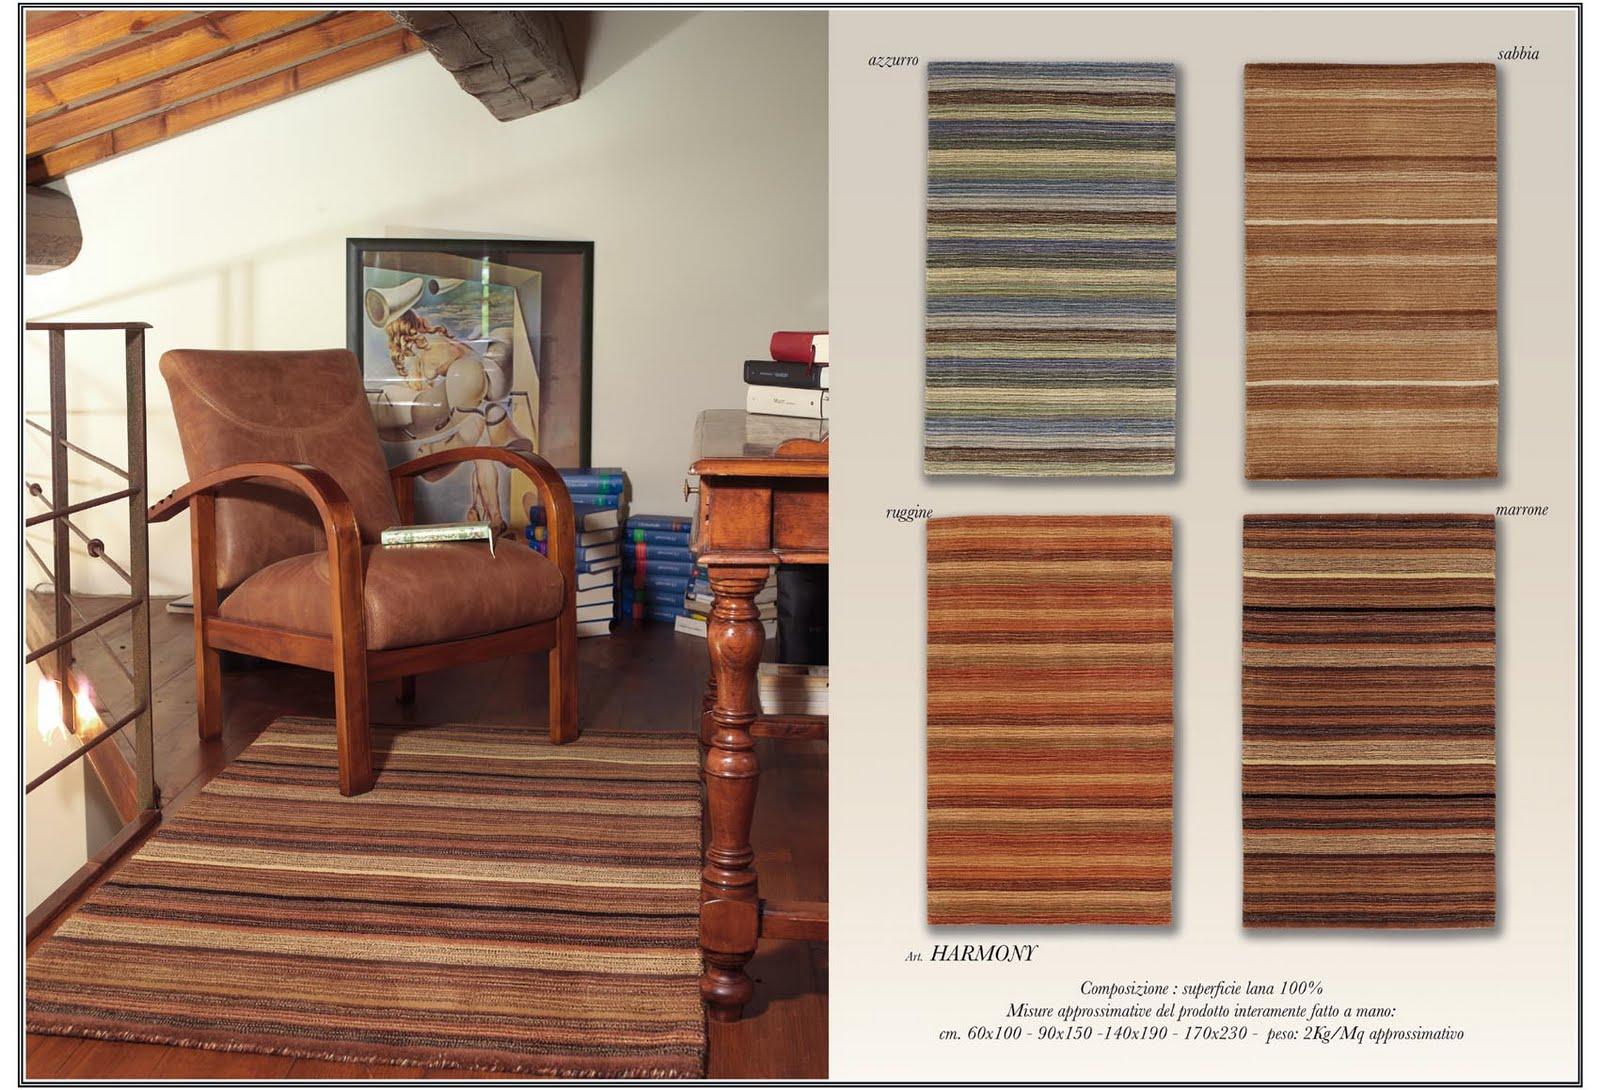 Tappetomania tappeti tappeto cuscini copridivano stuoie passatoie cuscini cucina cuscini - Tappeti anallergici ...